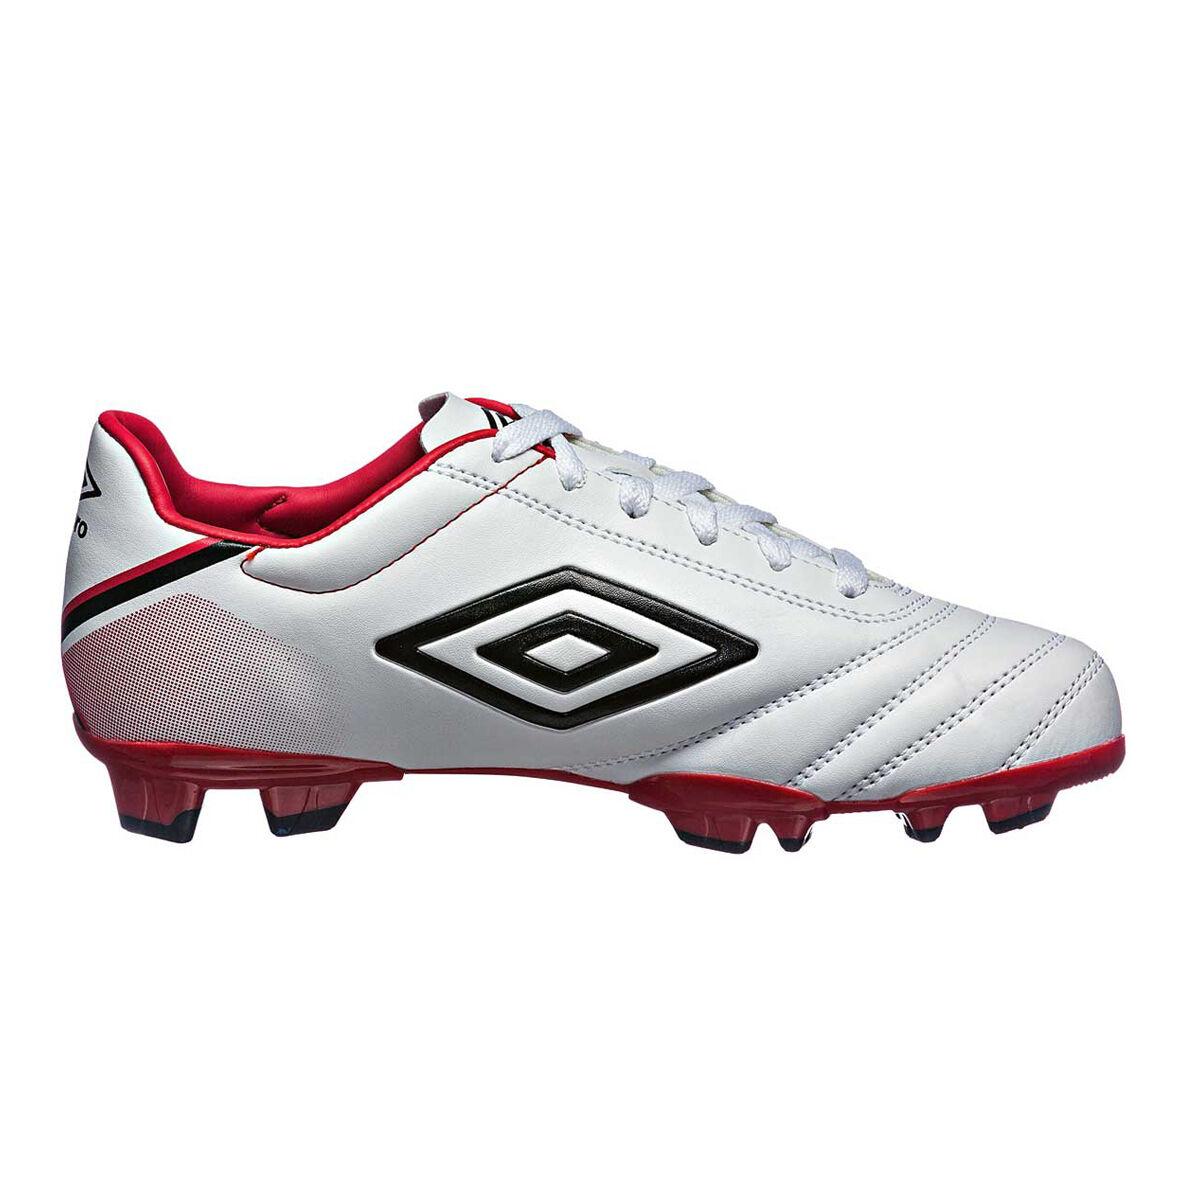 Umbro Classico V Junior Football Boots | Rebel Sport